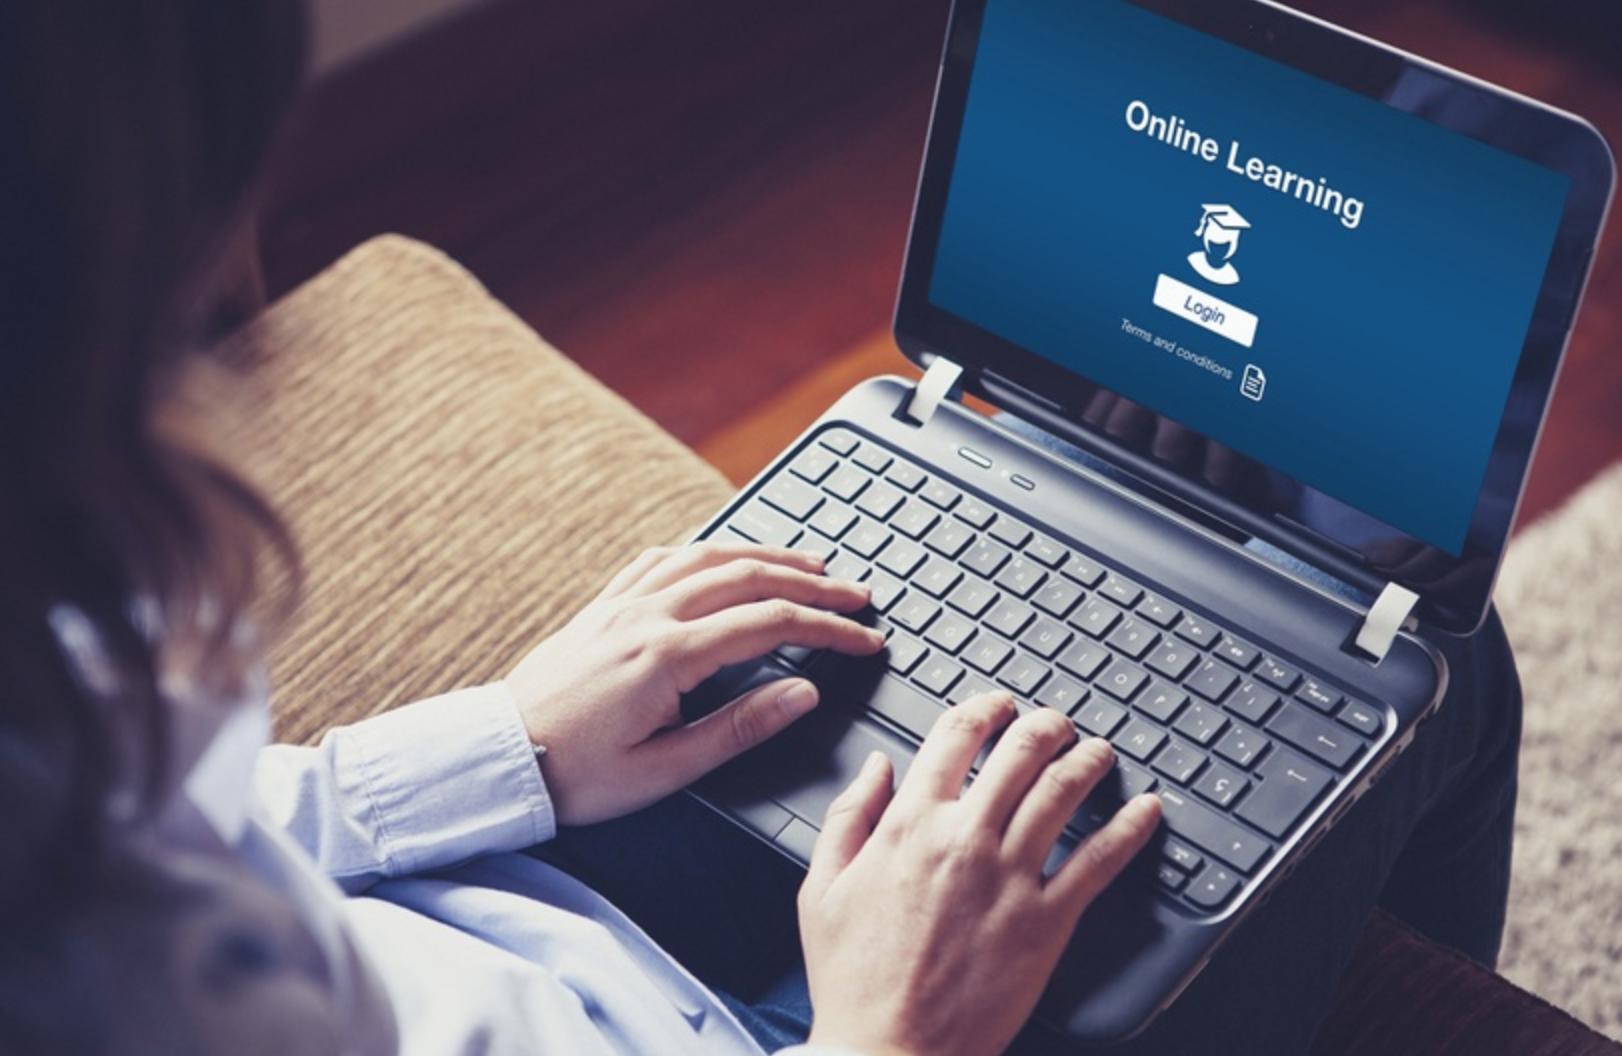 Migliori corsi per studiare online gratis